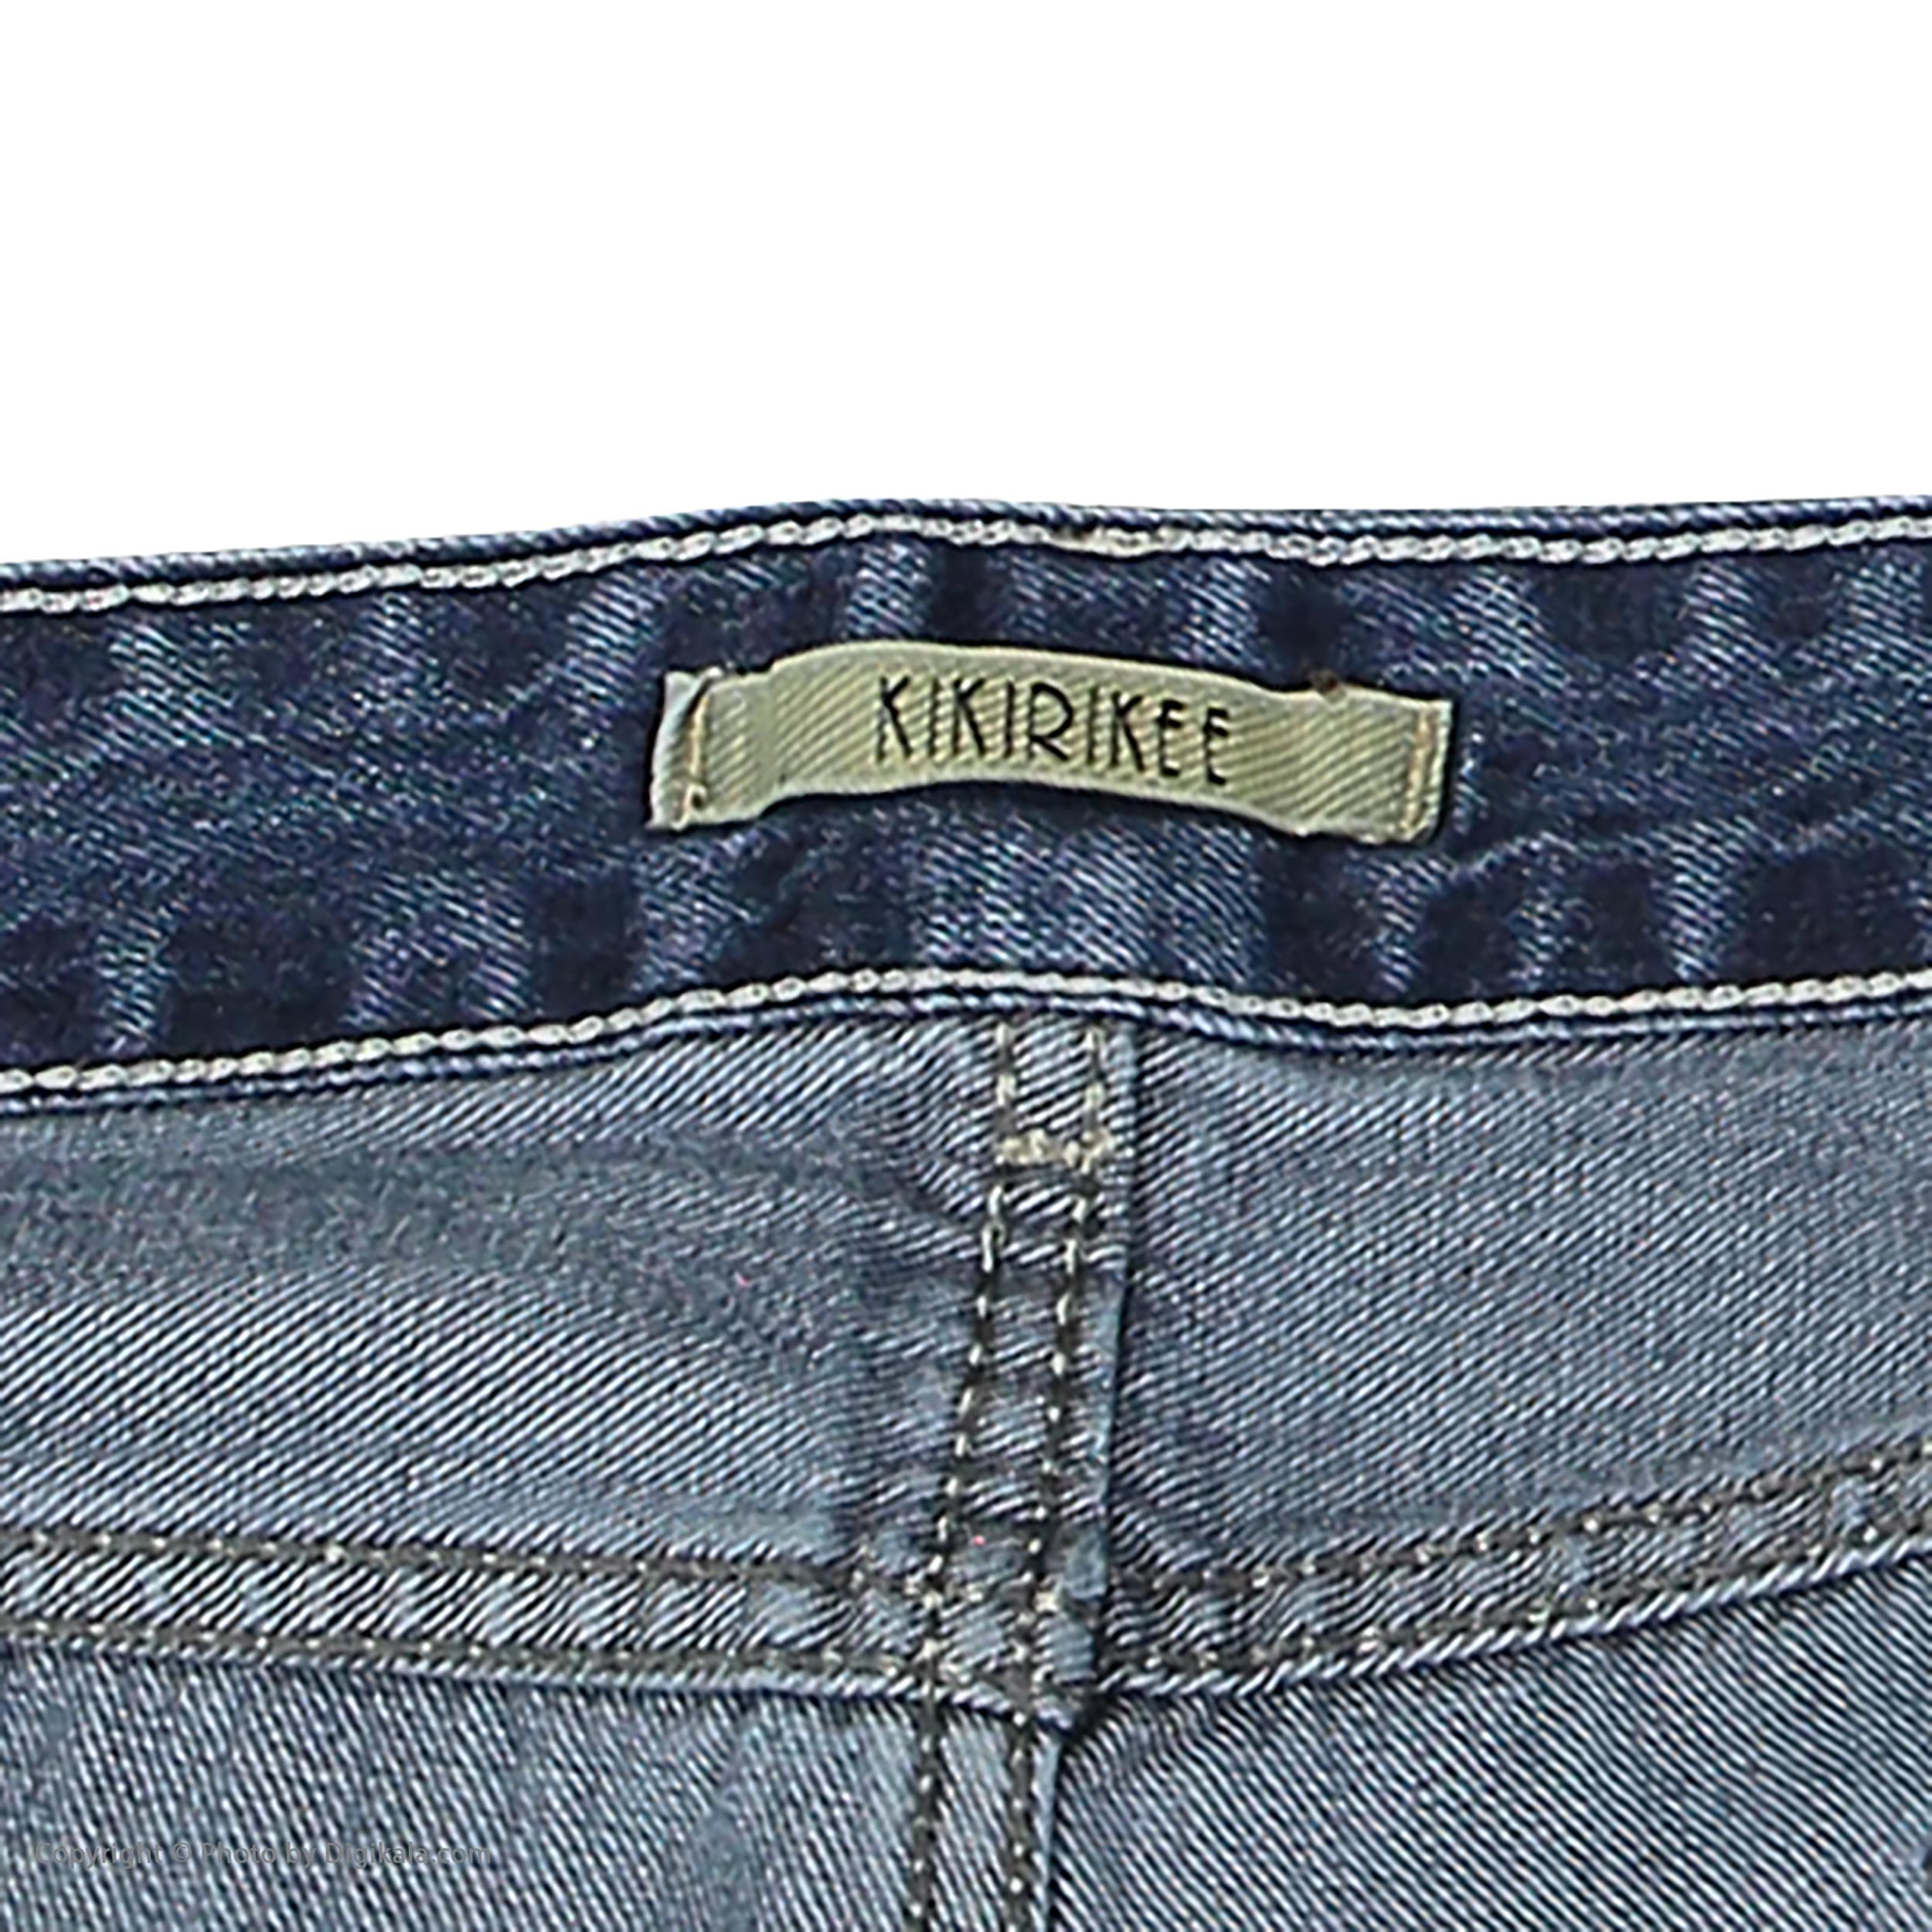 شلوار جین زنانه کیکی رایکی مدل BB3354-200 -  - 5